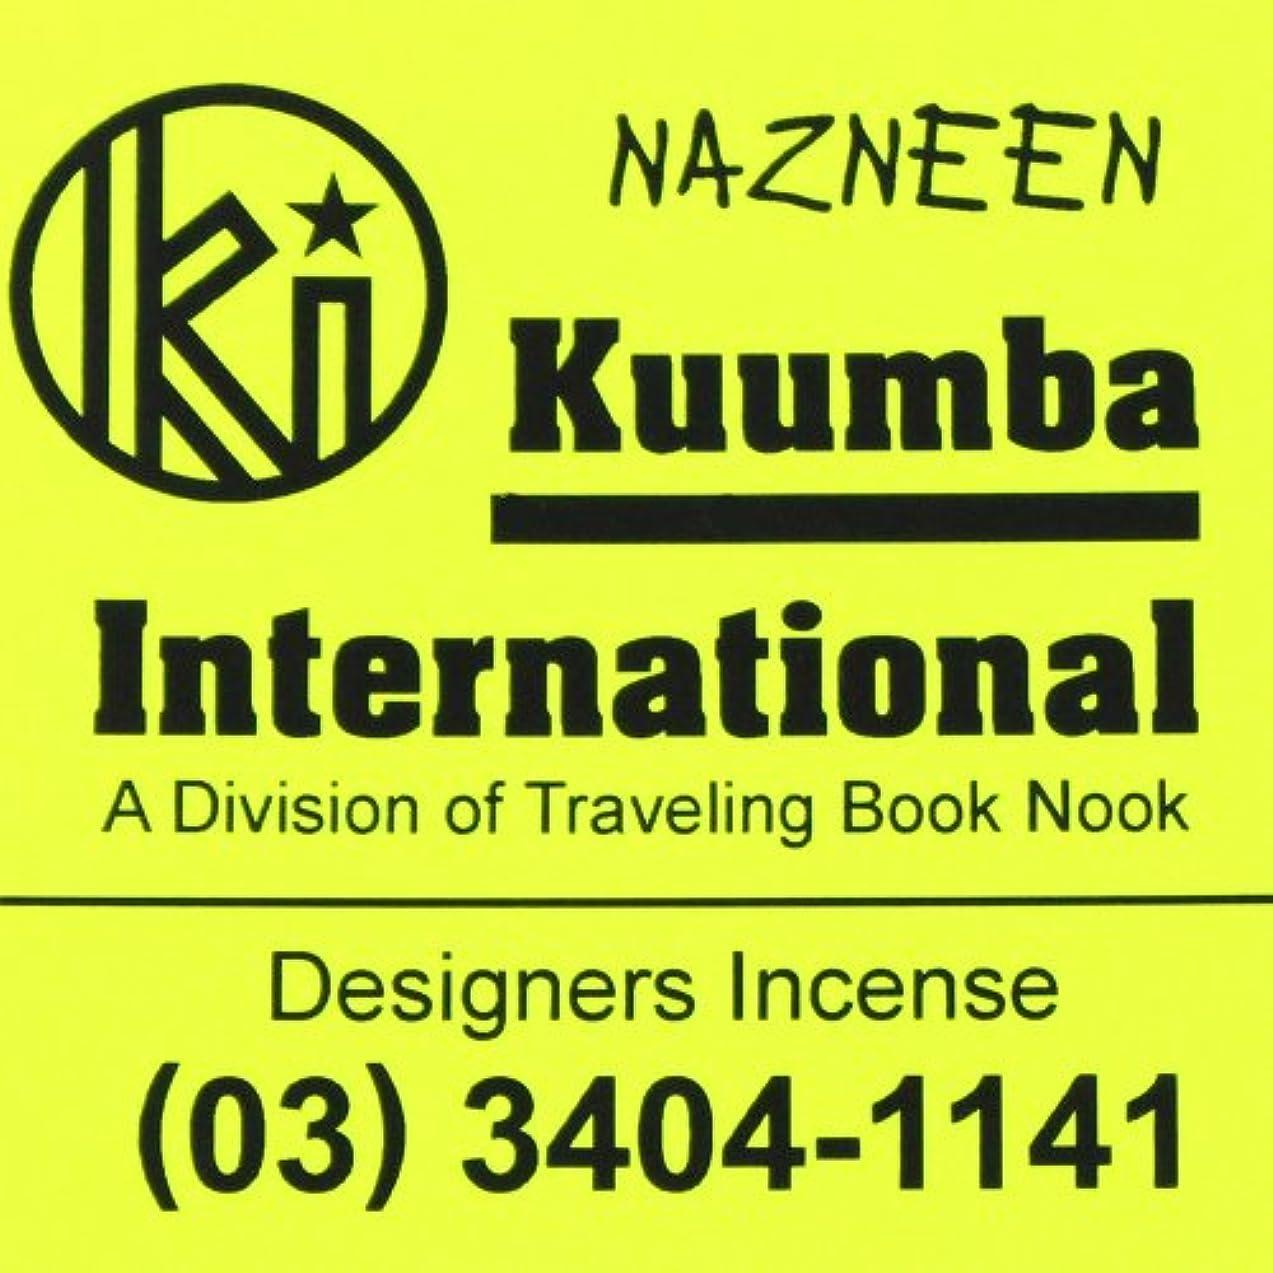 教育する器官通り(クンバ) KUUMBA『classic regular incense』(NAZNEEN) (Regular size)